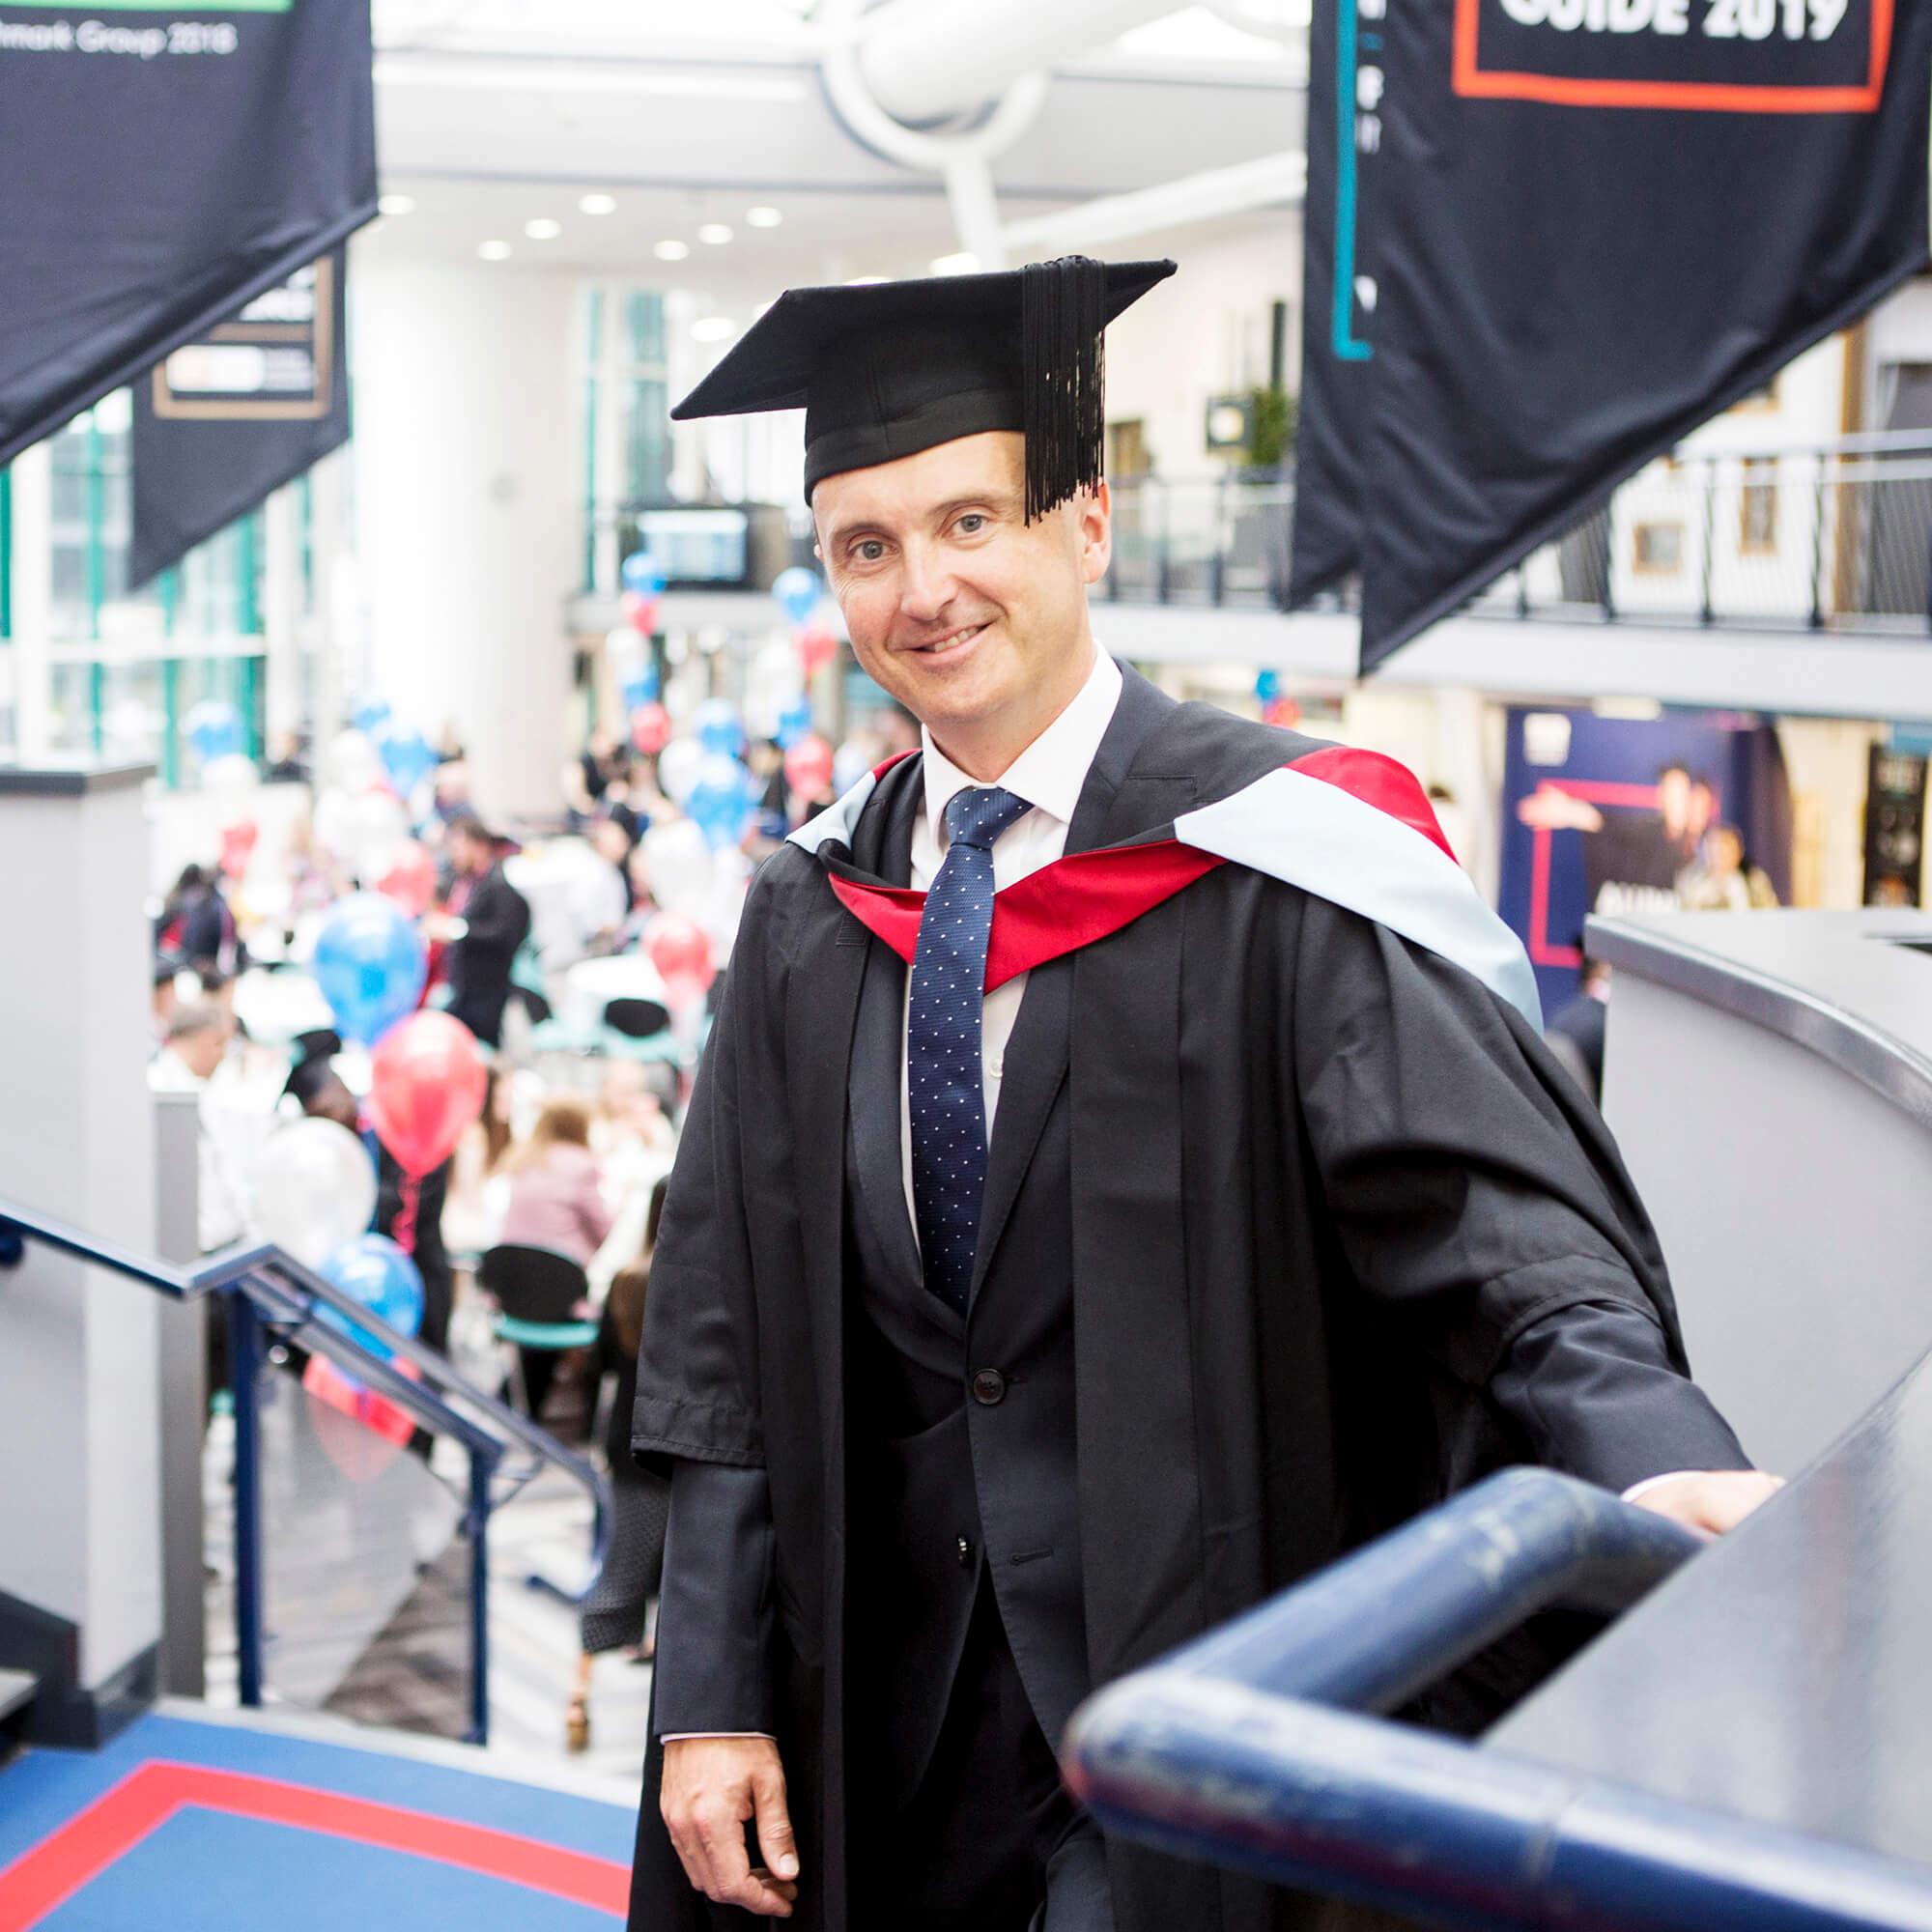 Nick Goddard at his graduation